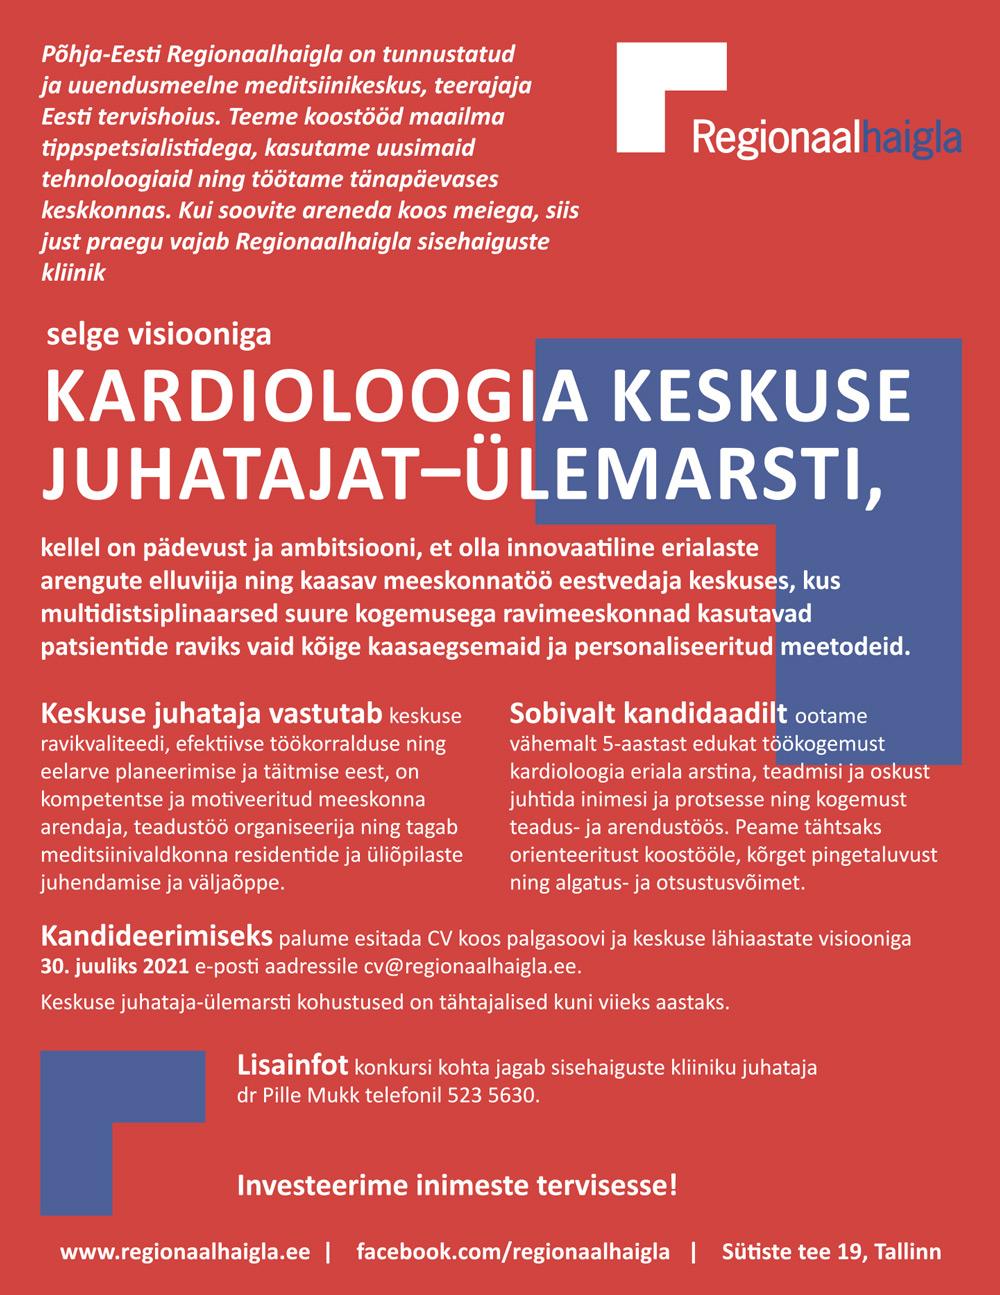 KARDIOLOOGIA KESKUSE JUHATAJA - ÜLEMARST